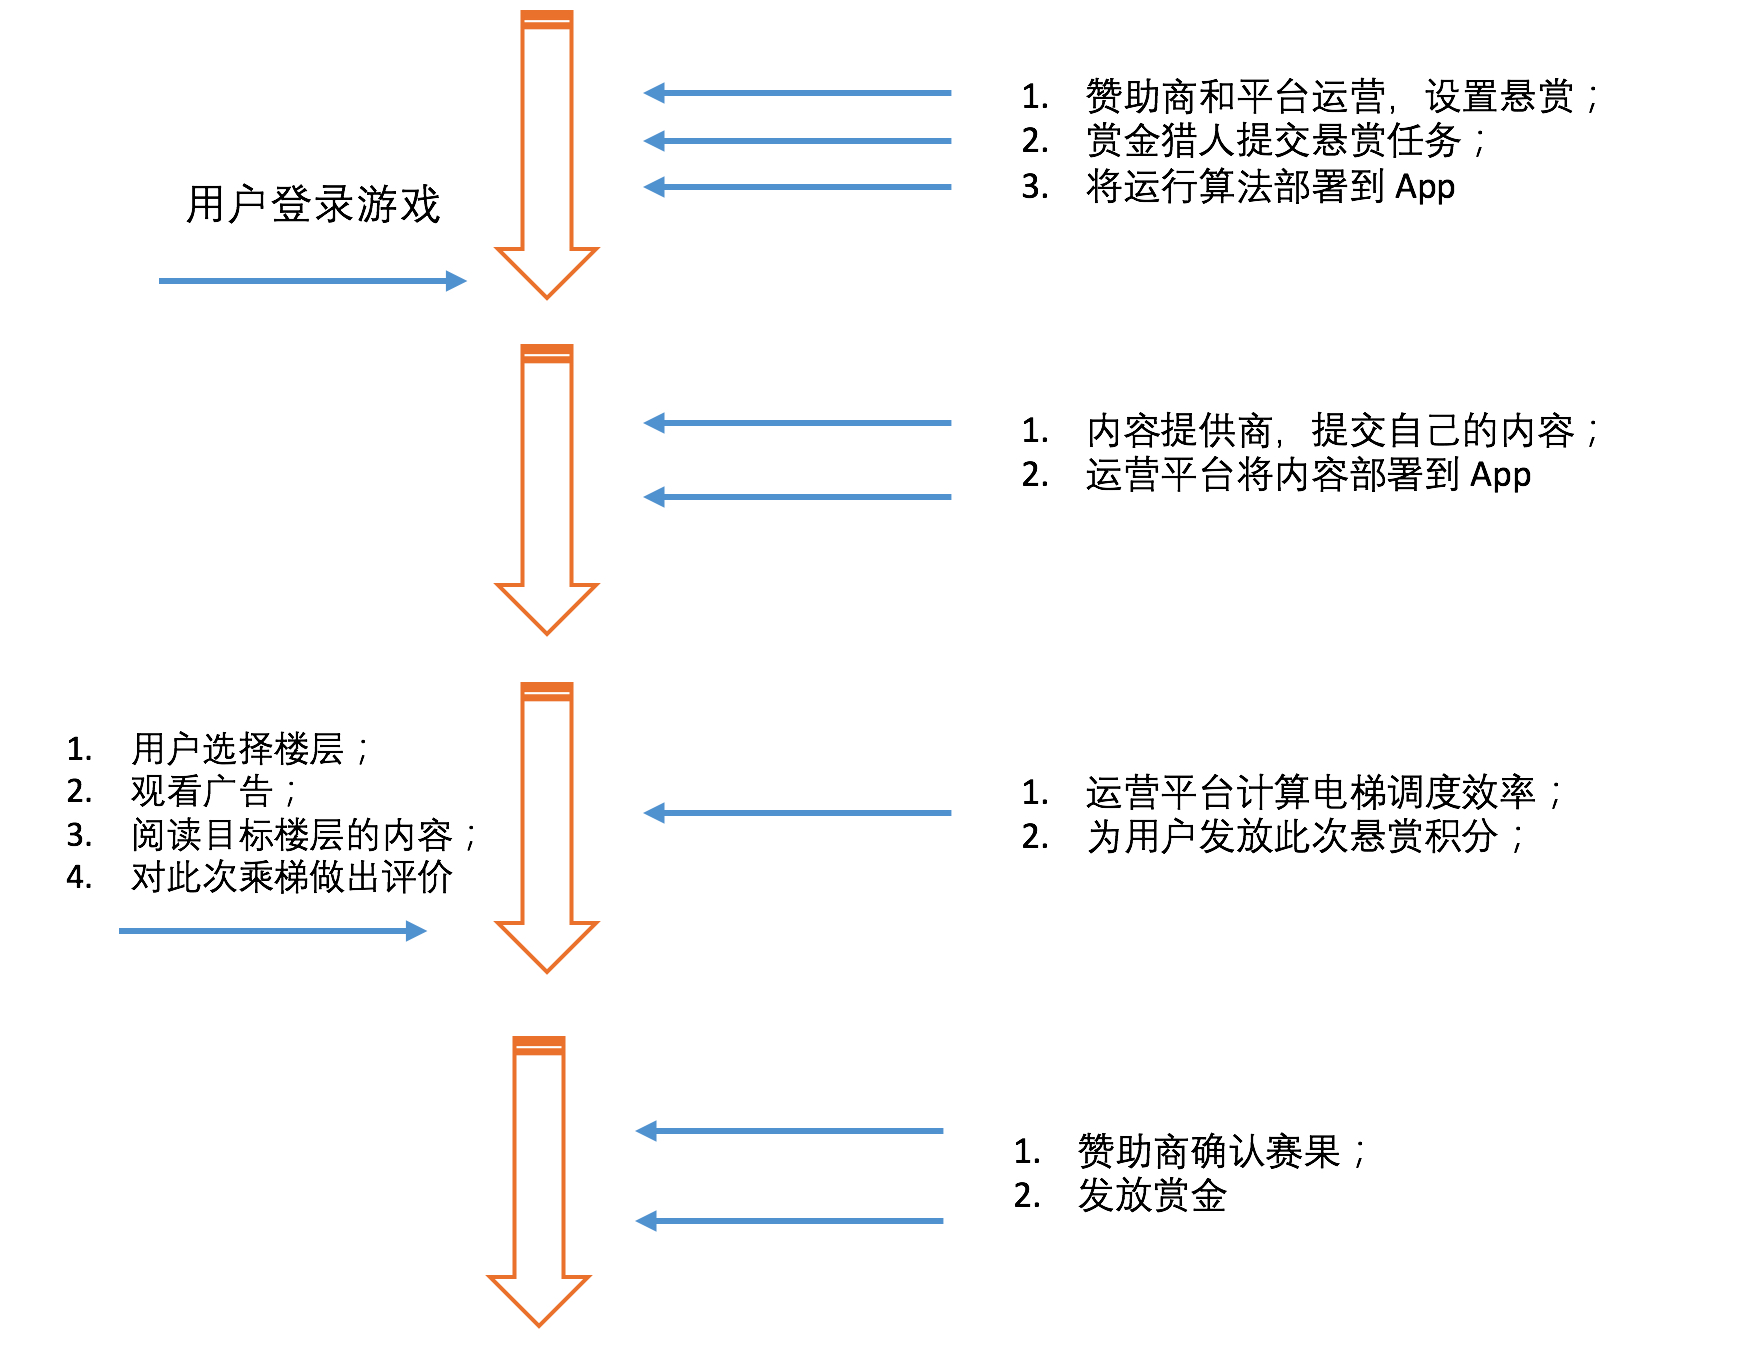 以用户为切入点的流程图